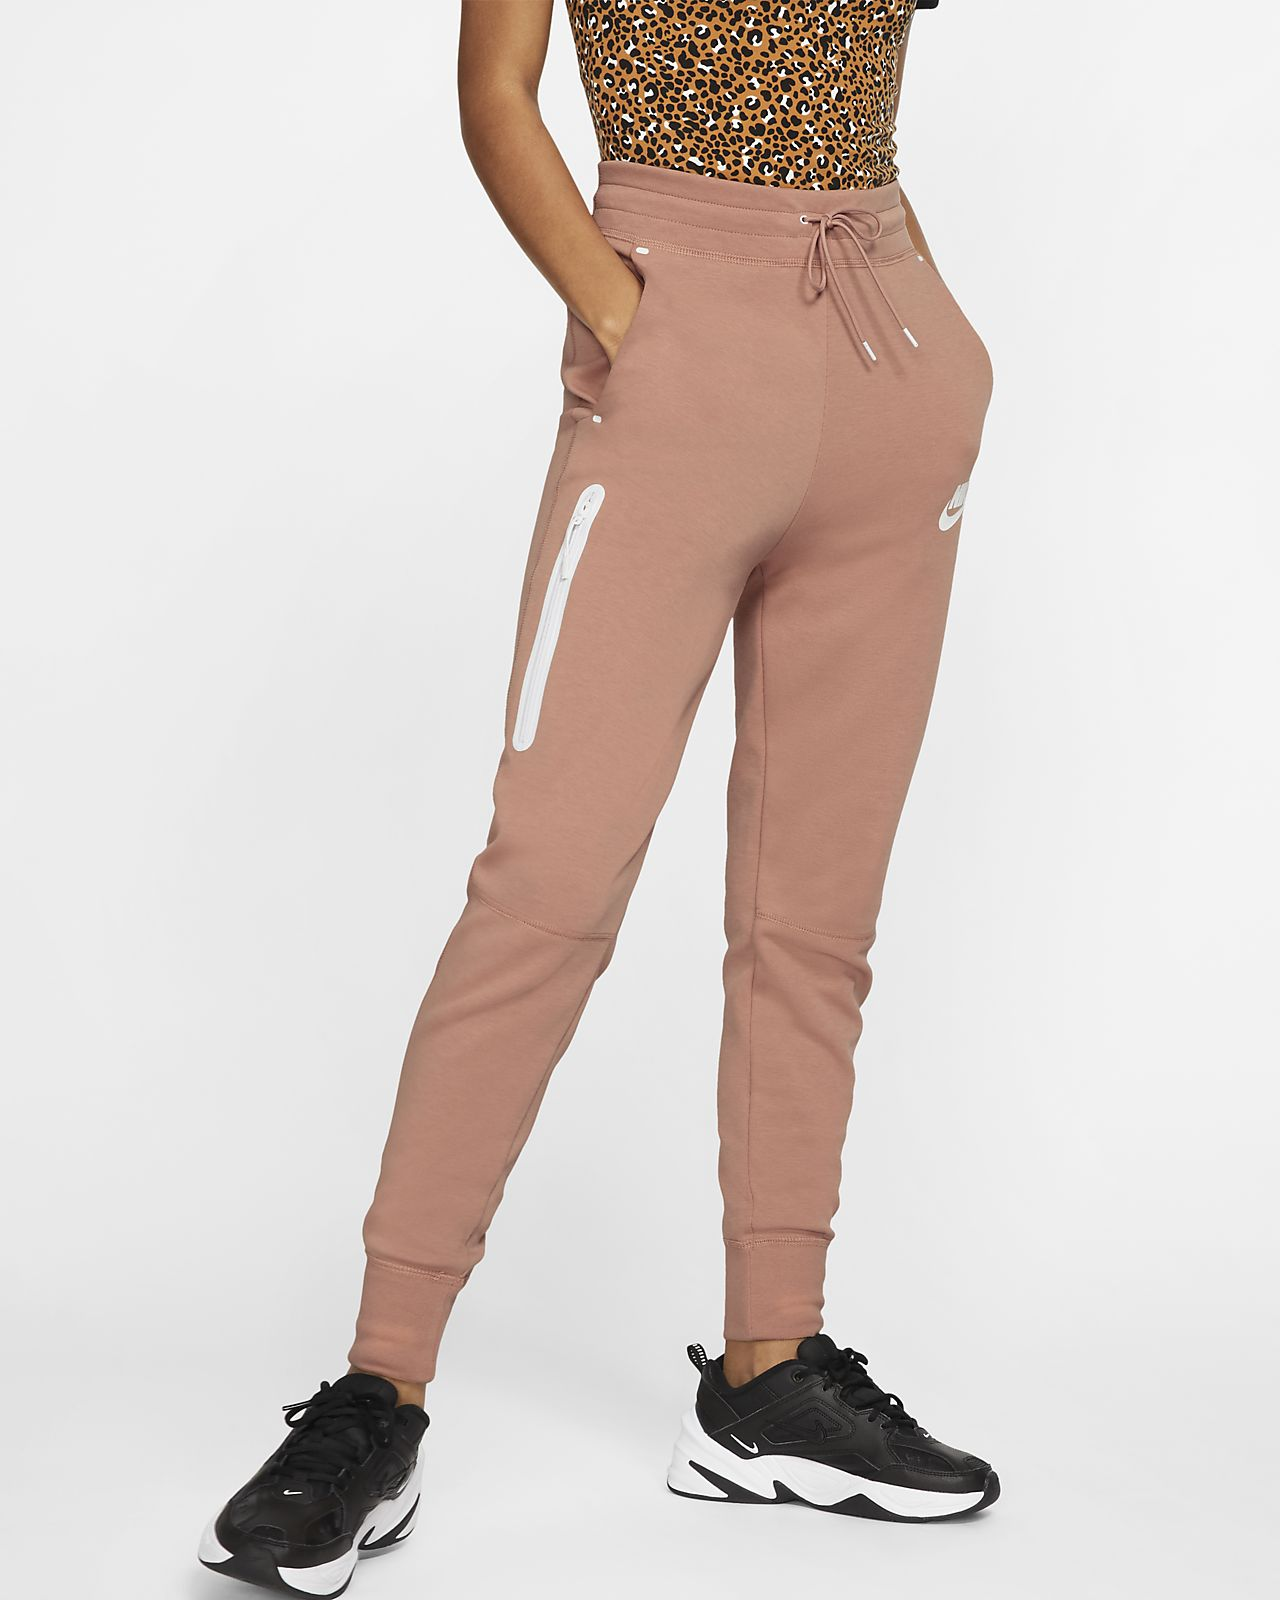 Nike Sportswear Tech Fleece Damenhose